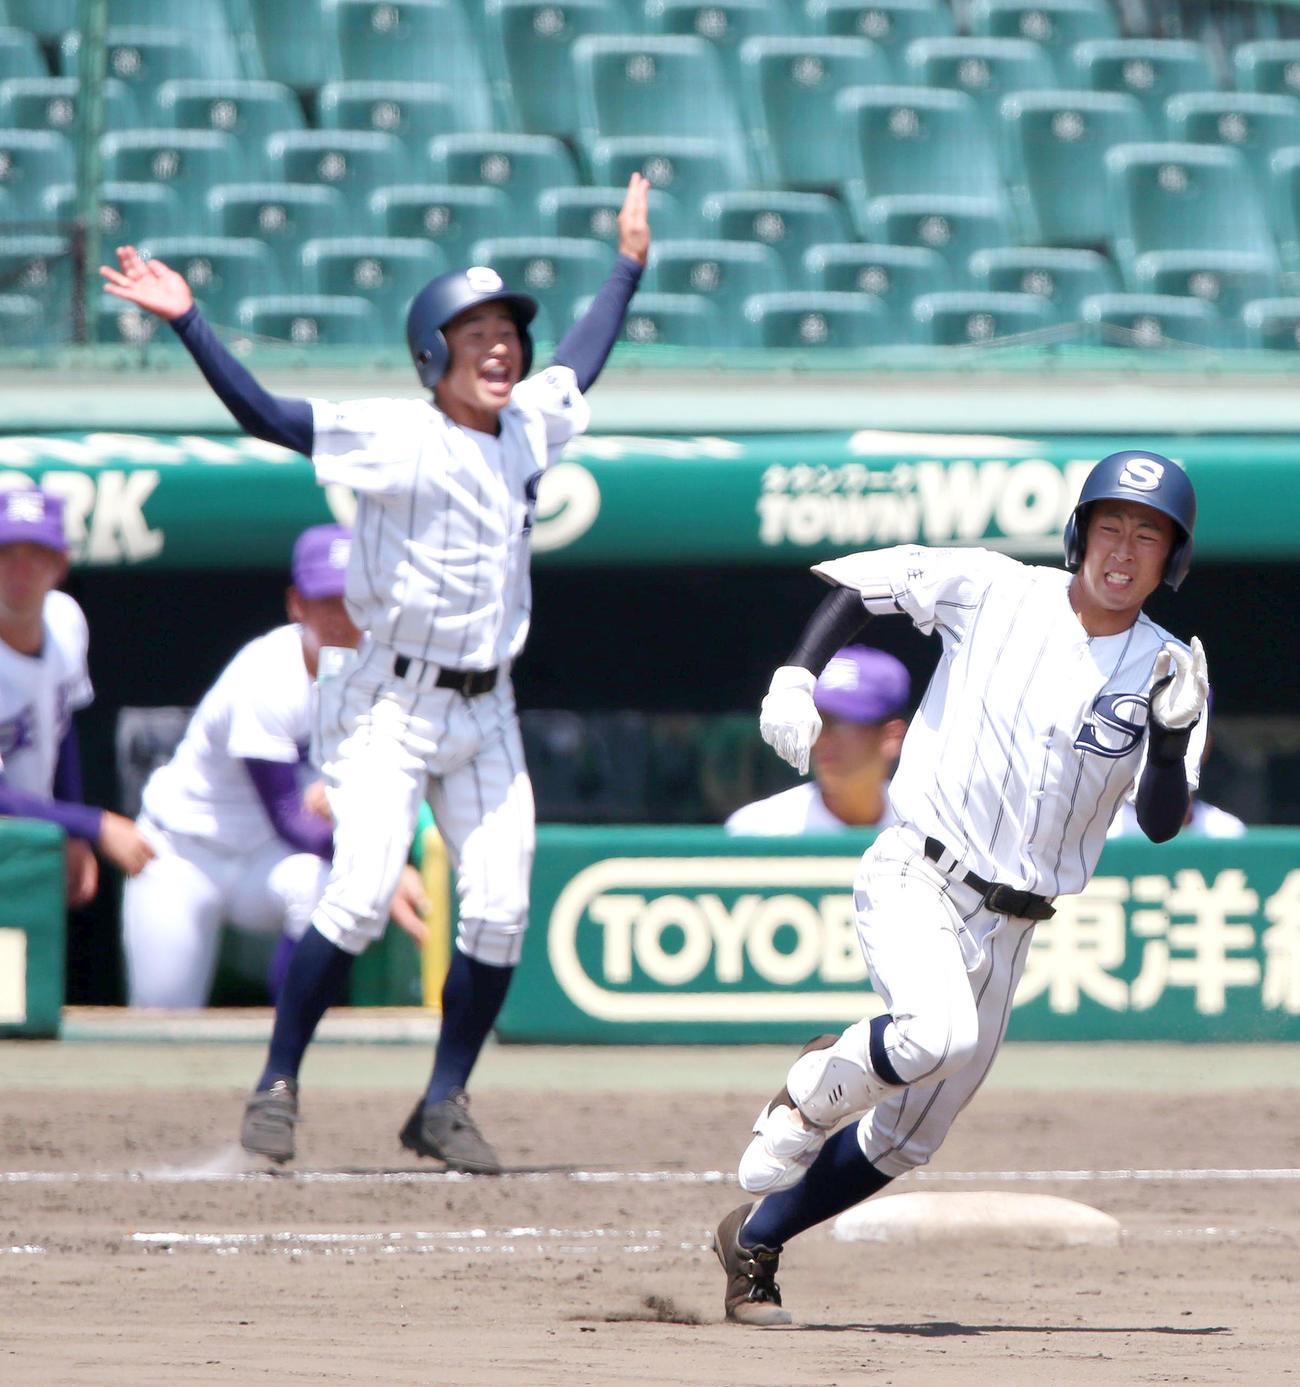 広島新庄対天理 8回表広島新庄1死一塁、浜岡は右に二塁打を放ち二塁に向かう(撮影・上山淳一)